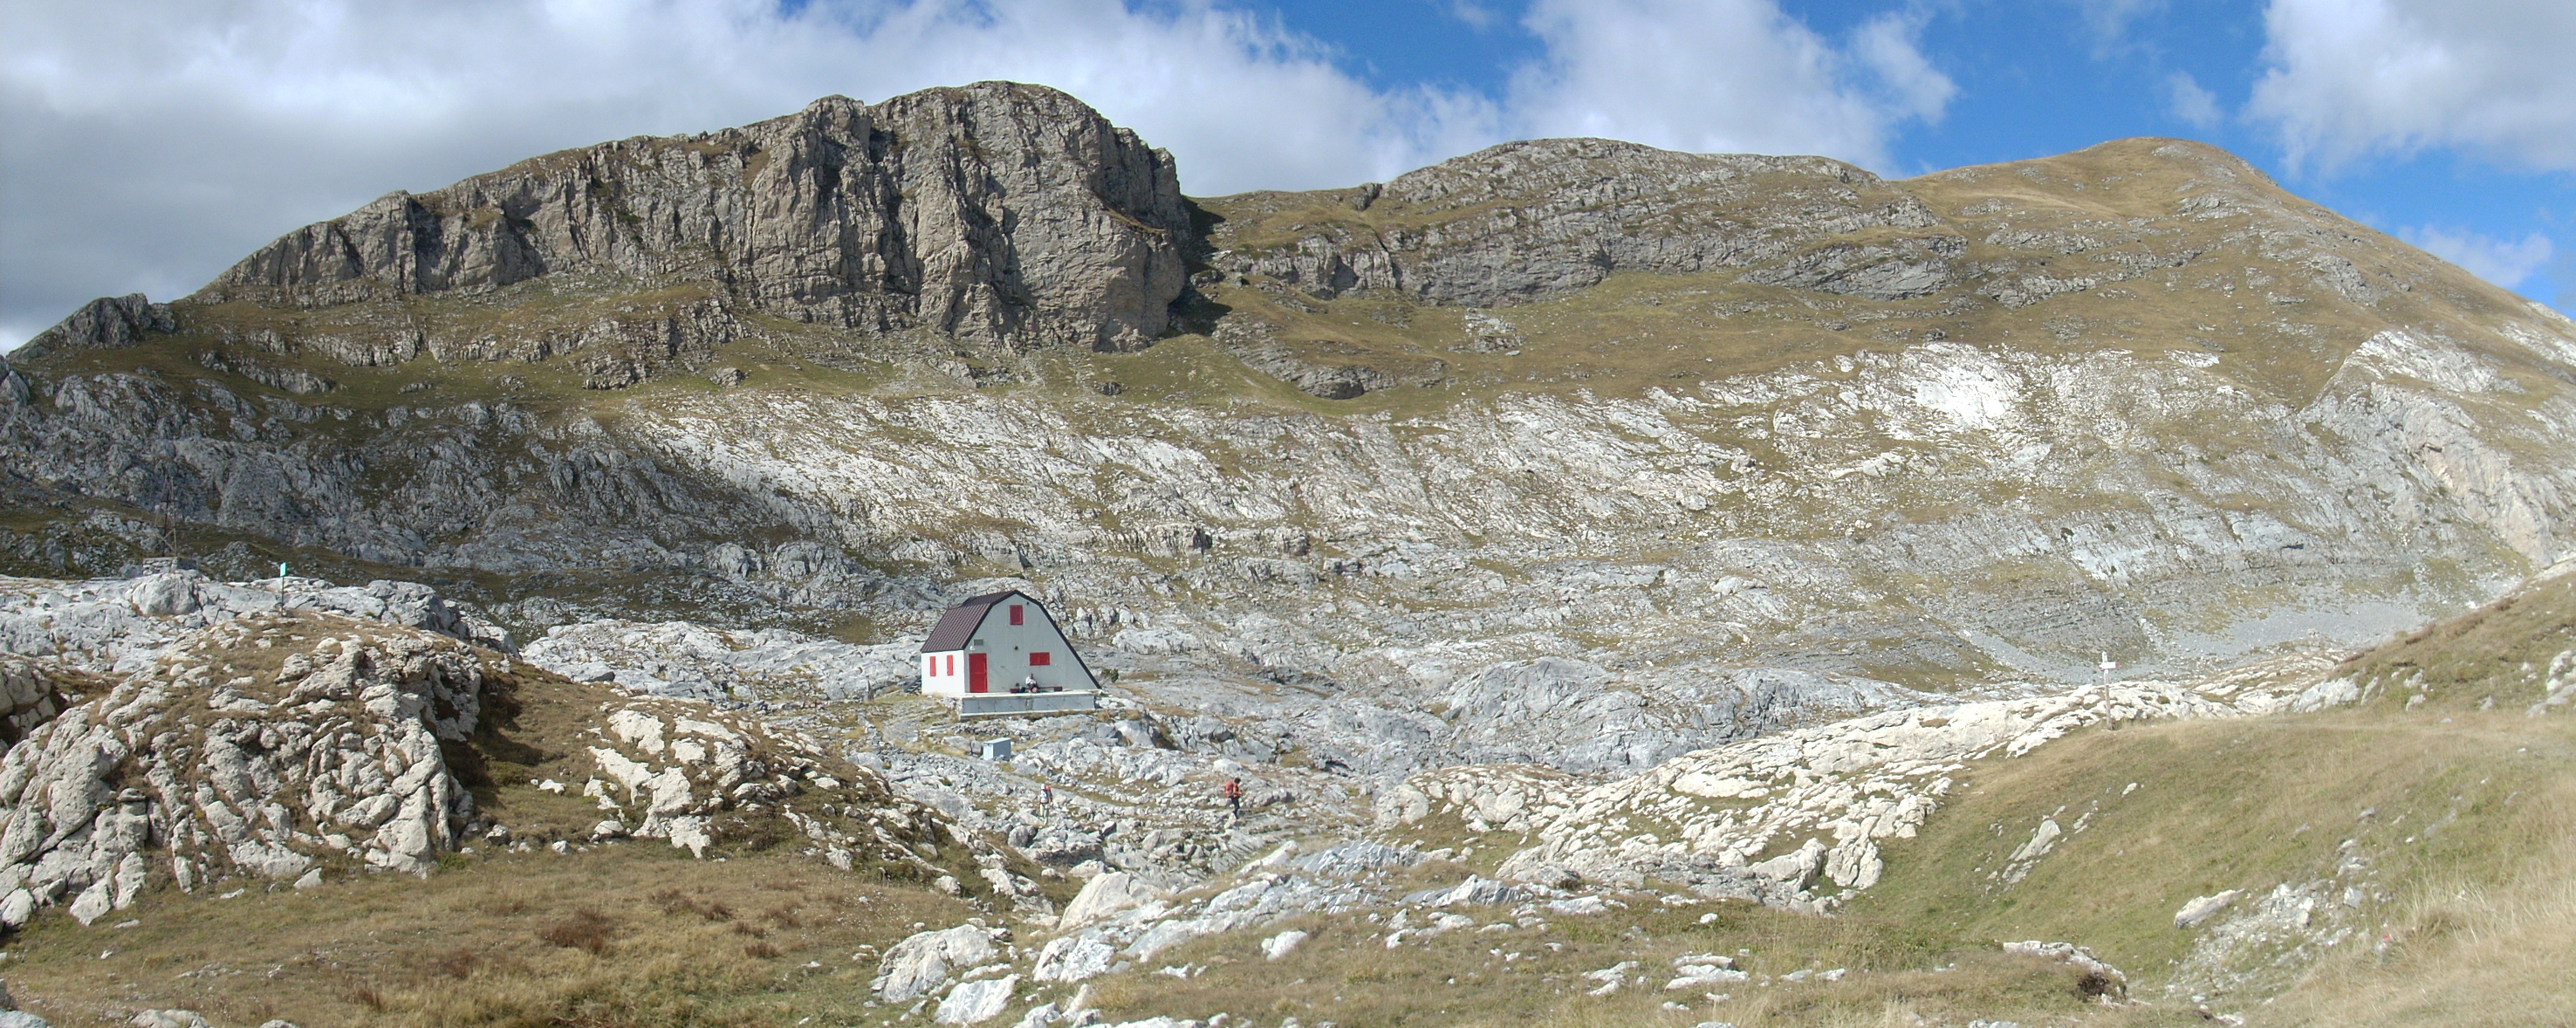 Capanna Speleologica Morgantini.